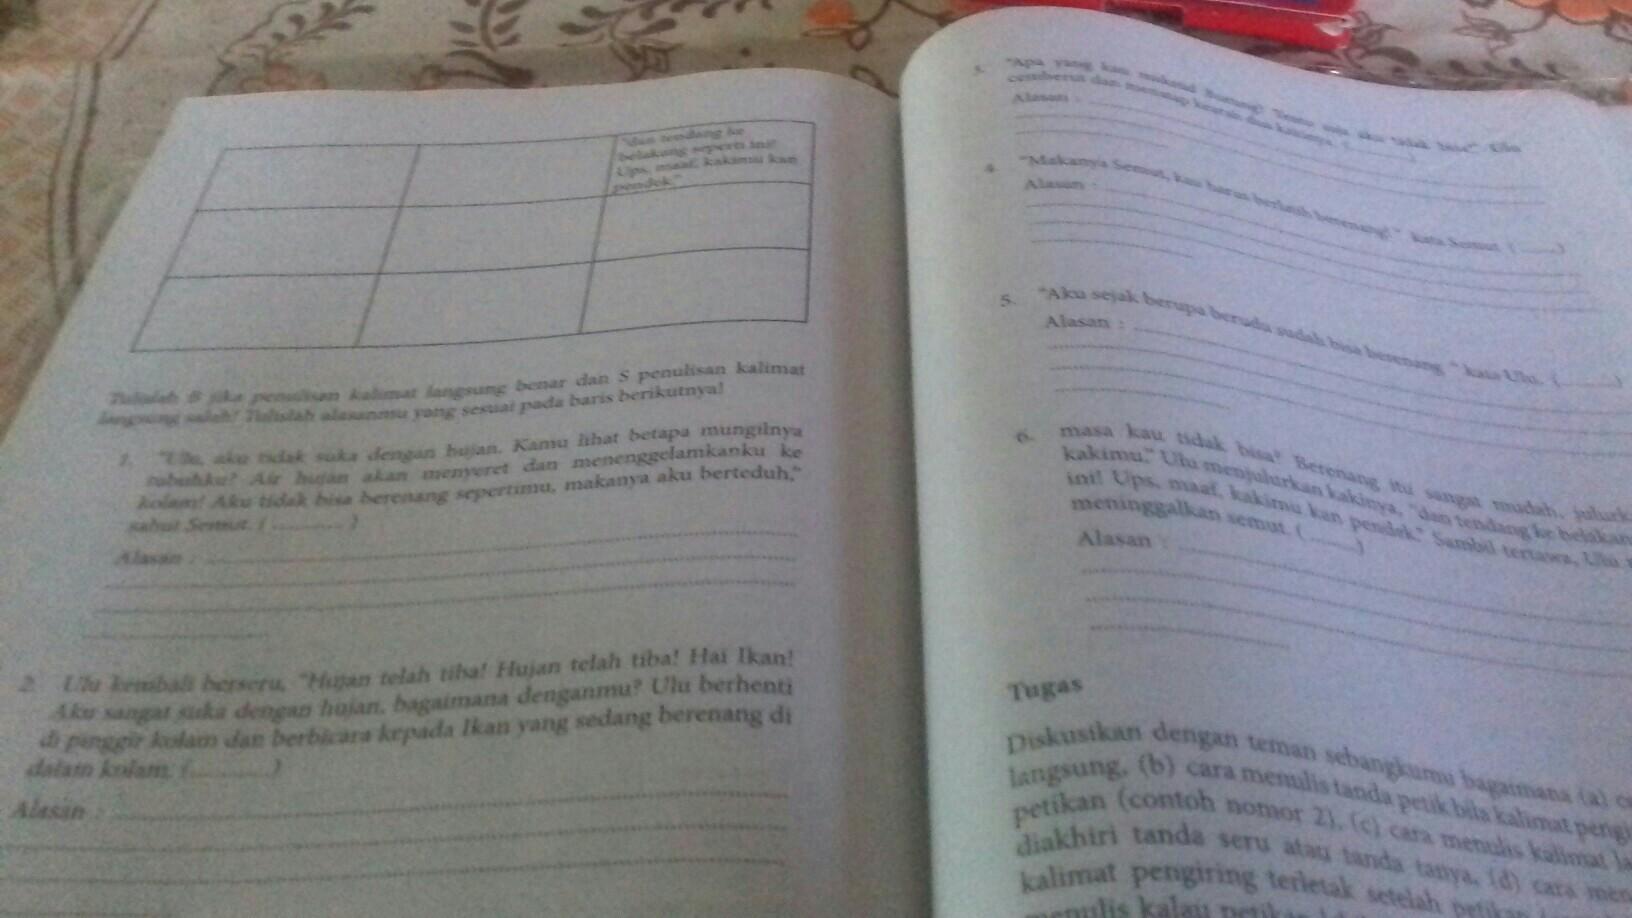 Jawaban Buku Paket Bahasa Indonesia Kls 7 Hal 226 227 Brainly Co Id